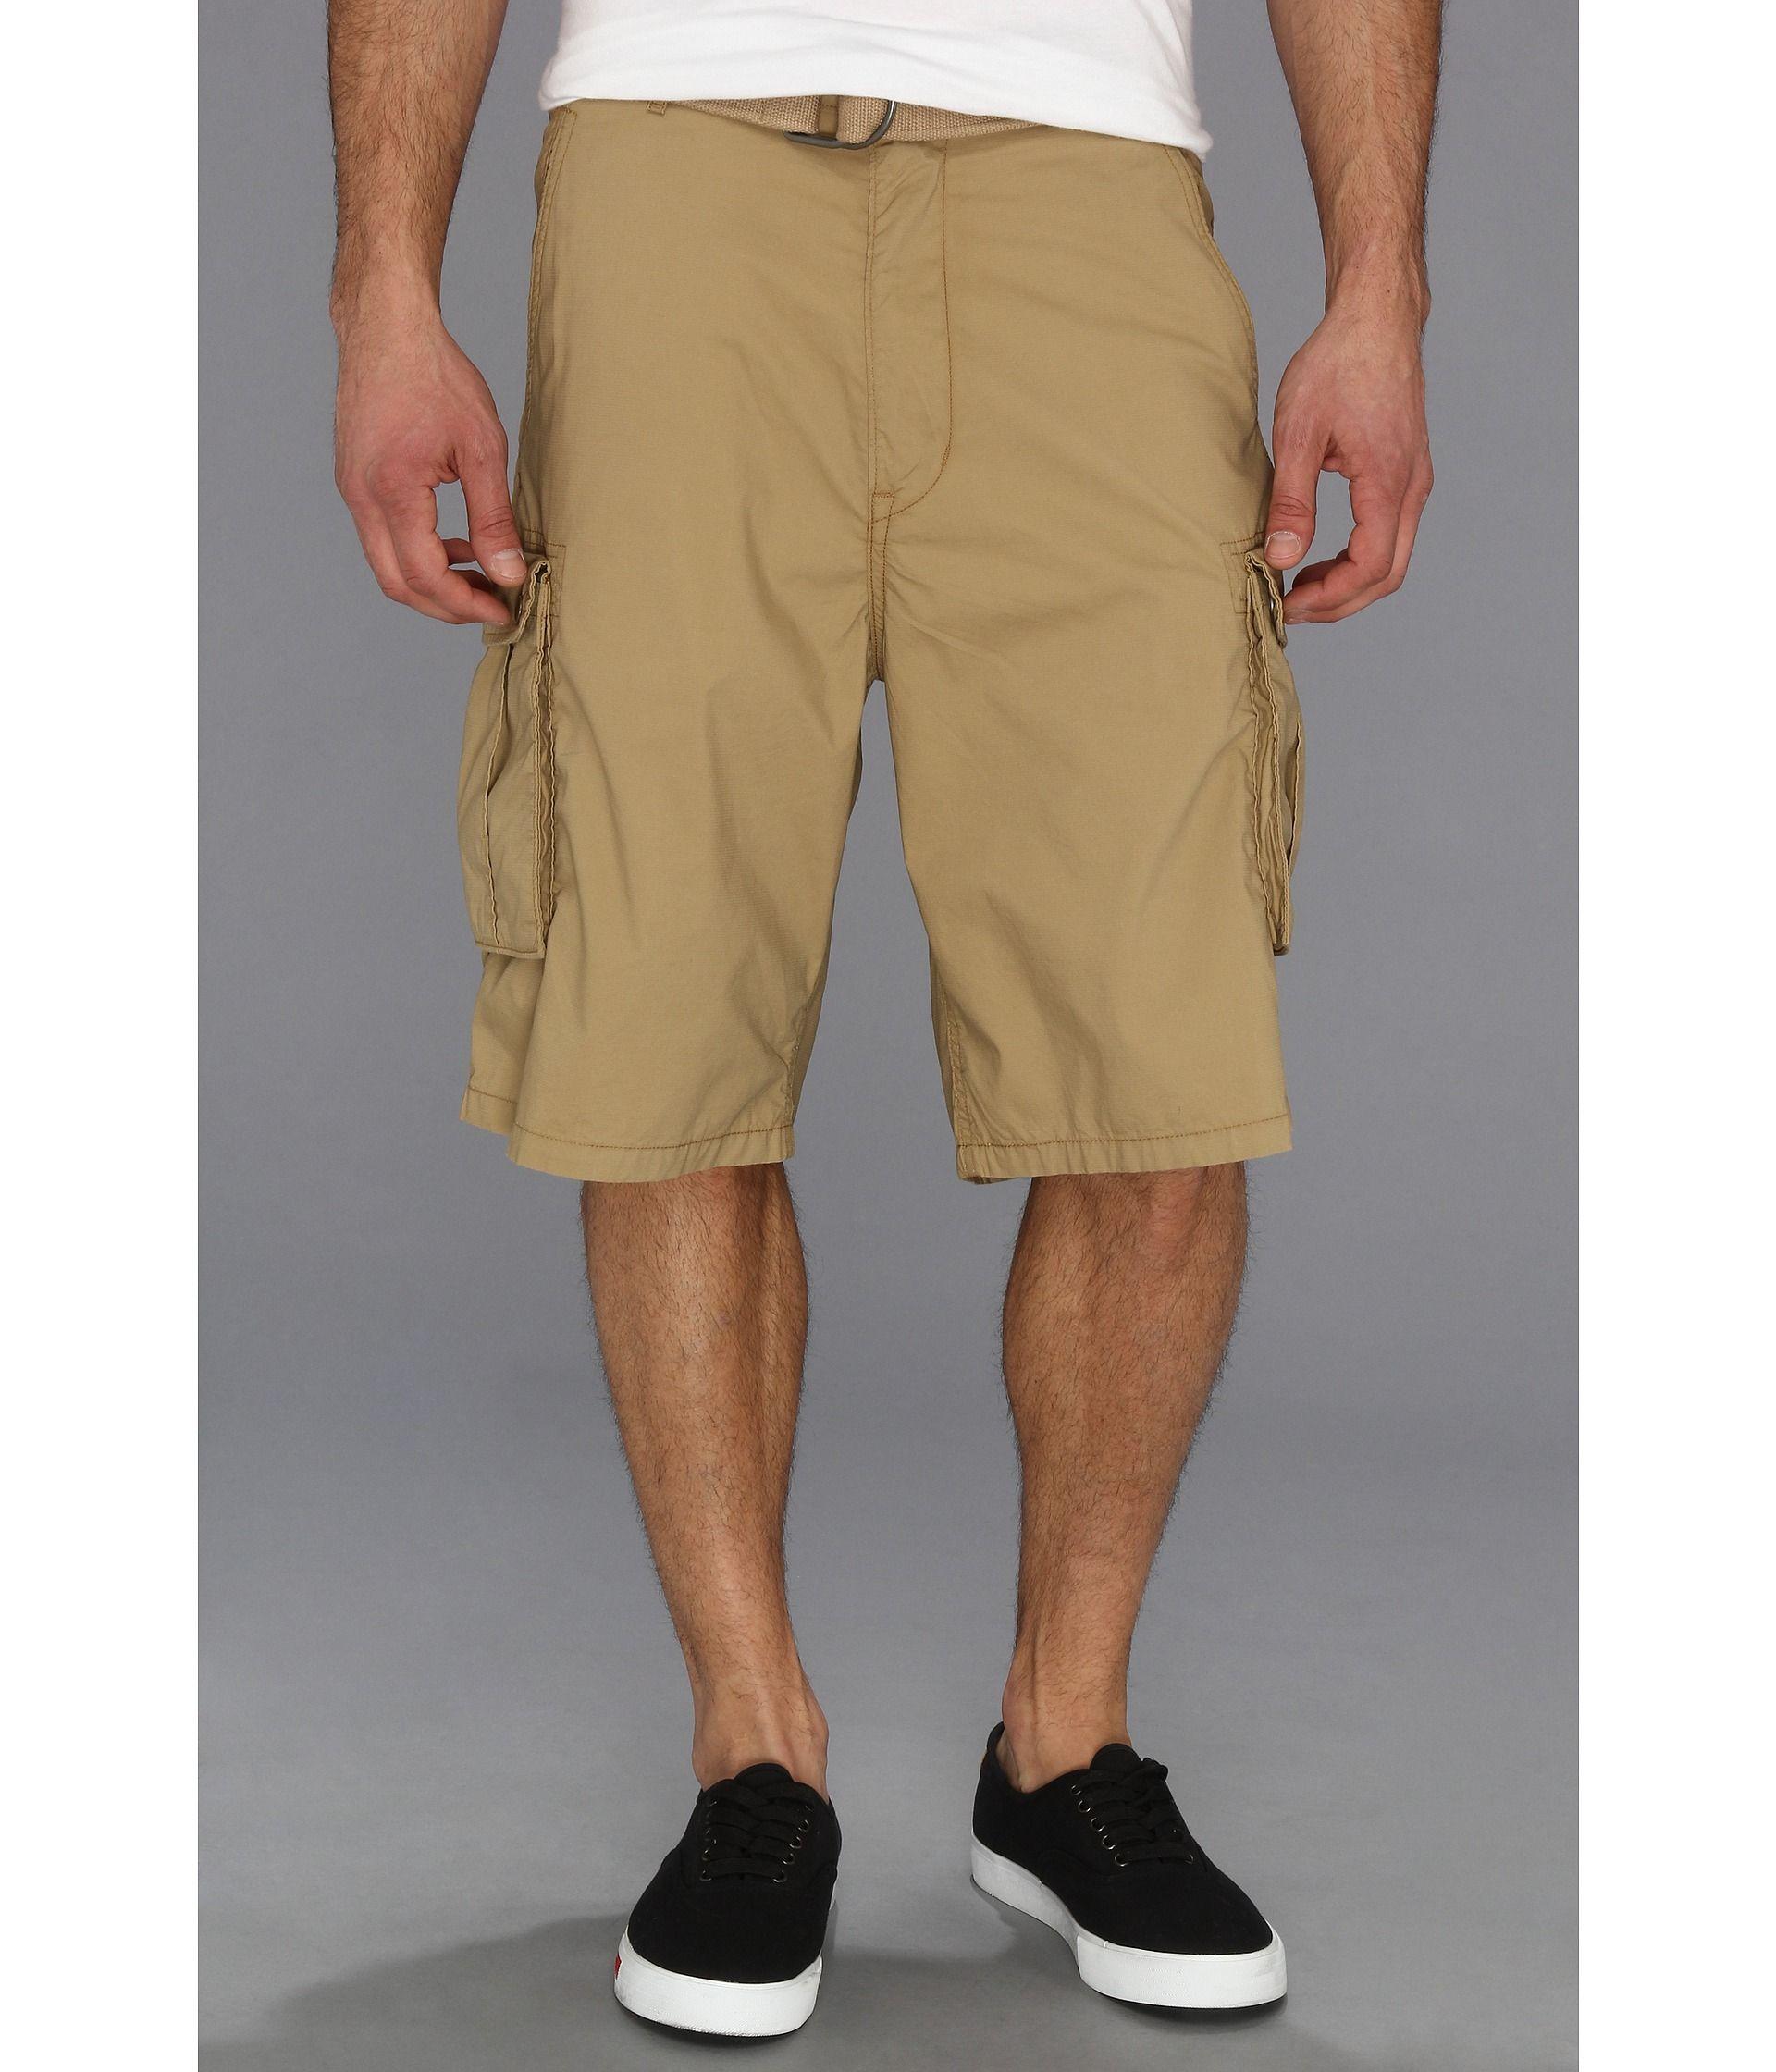 mens cargo shorts | Shorts | Short outfits, Shorts, Shirts